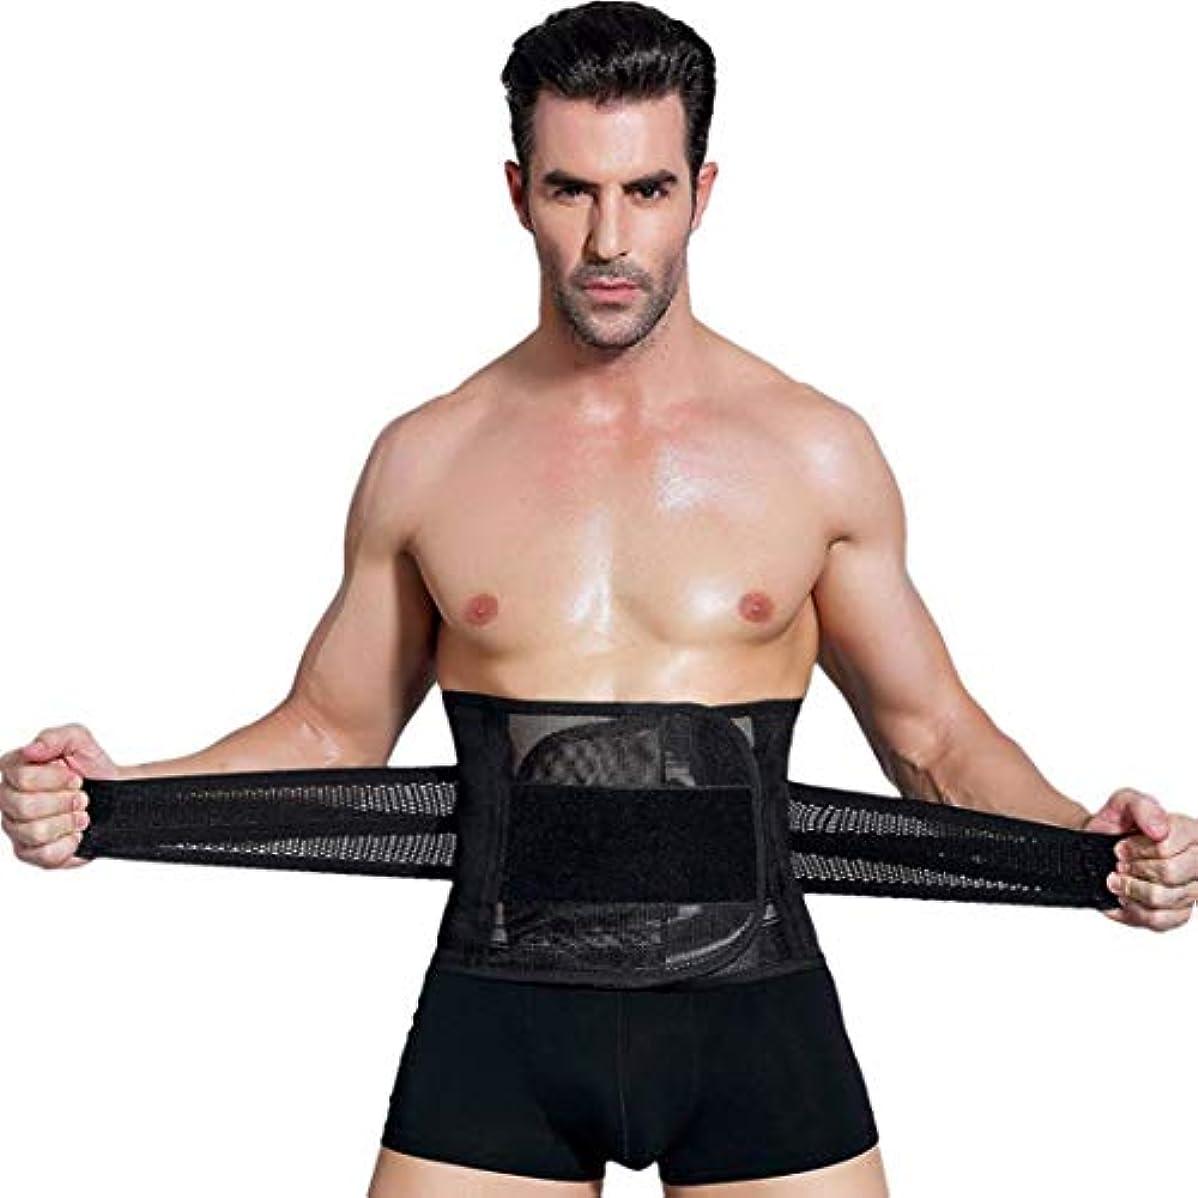 引数カッター合法男性ボディシェイパーコルセット腹部おなかコントロールウエストトレーナーニッパー脂肪燃焼ガードル痩身腹ベルト用男性 - ブラックXXL